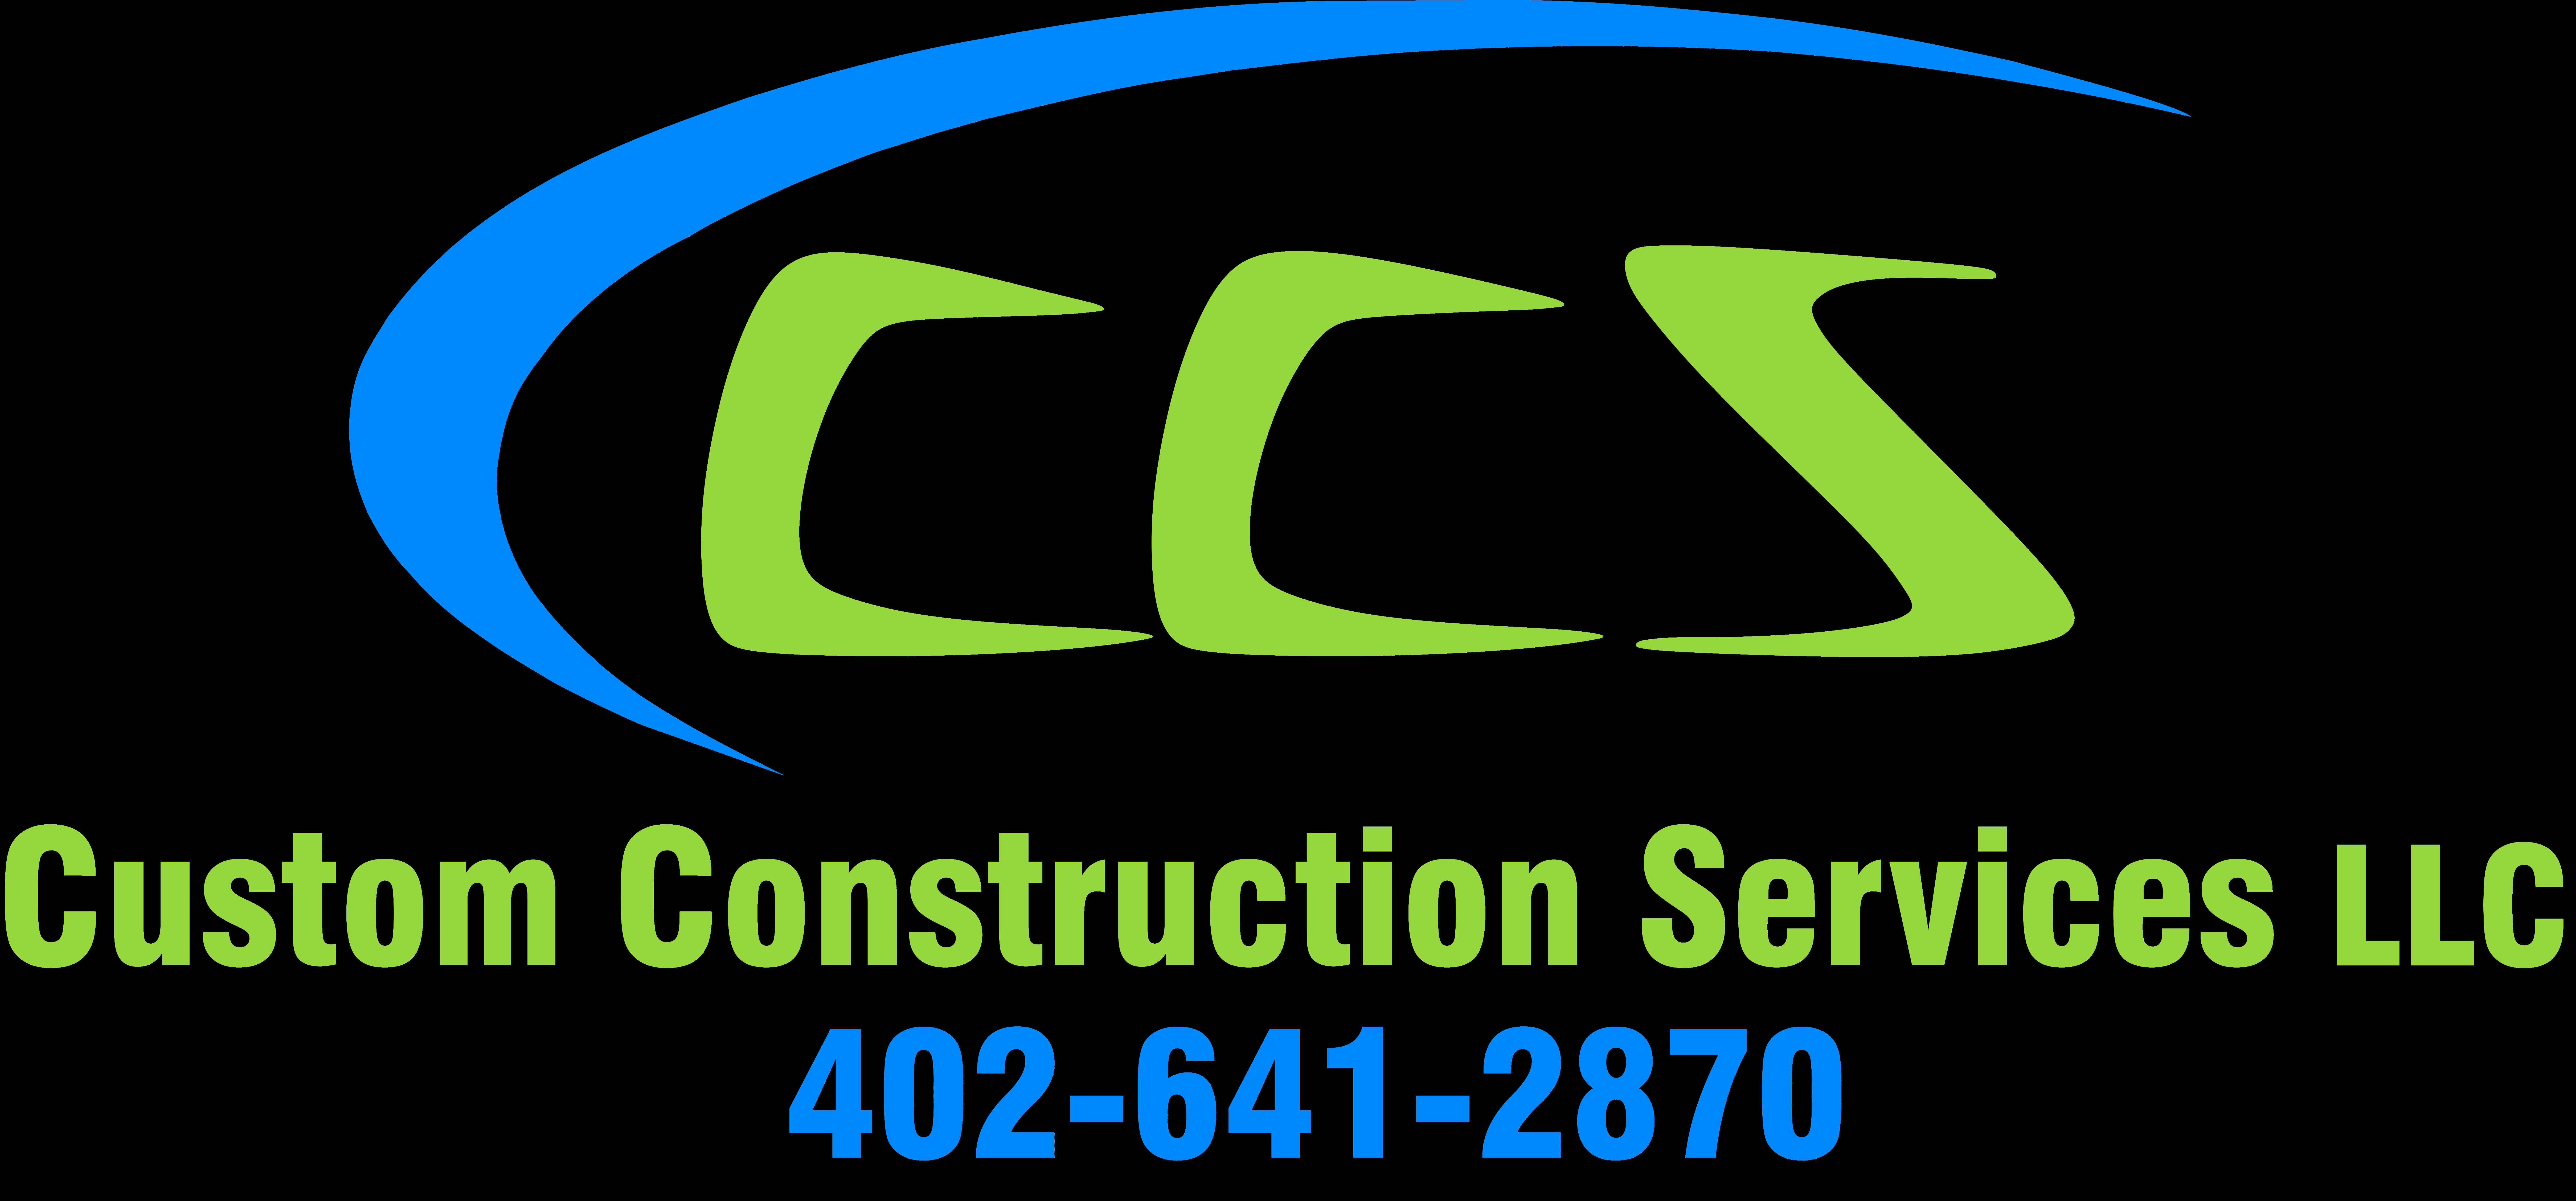 CCS Custom Construction